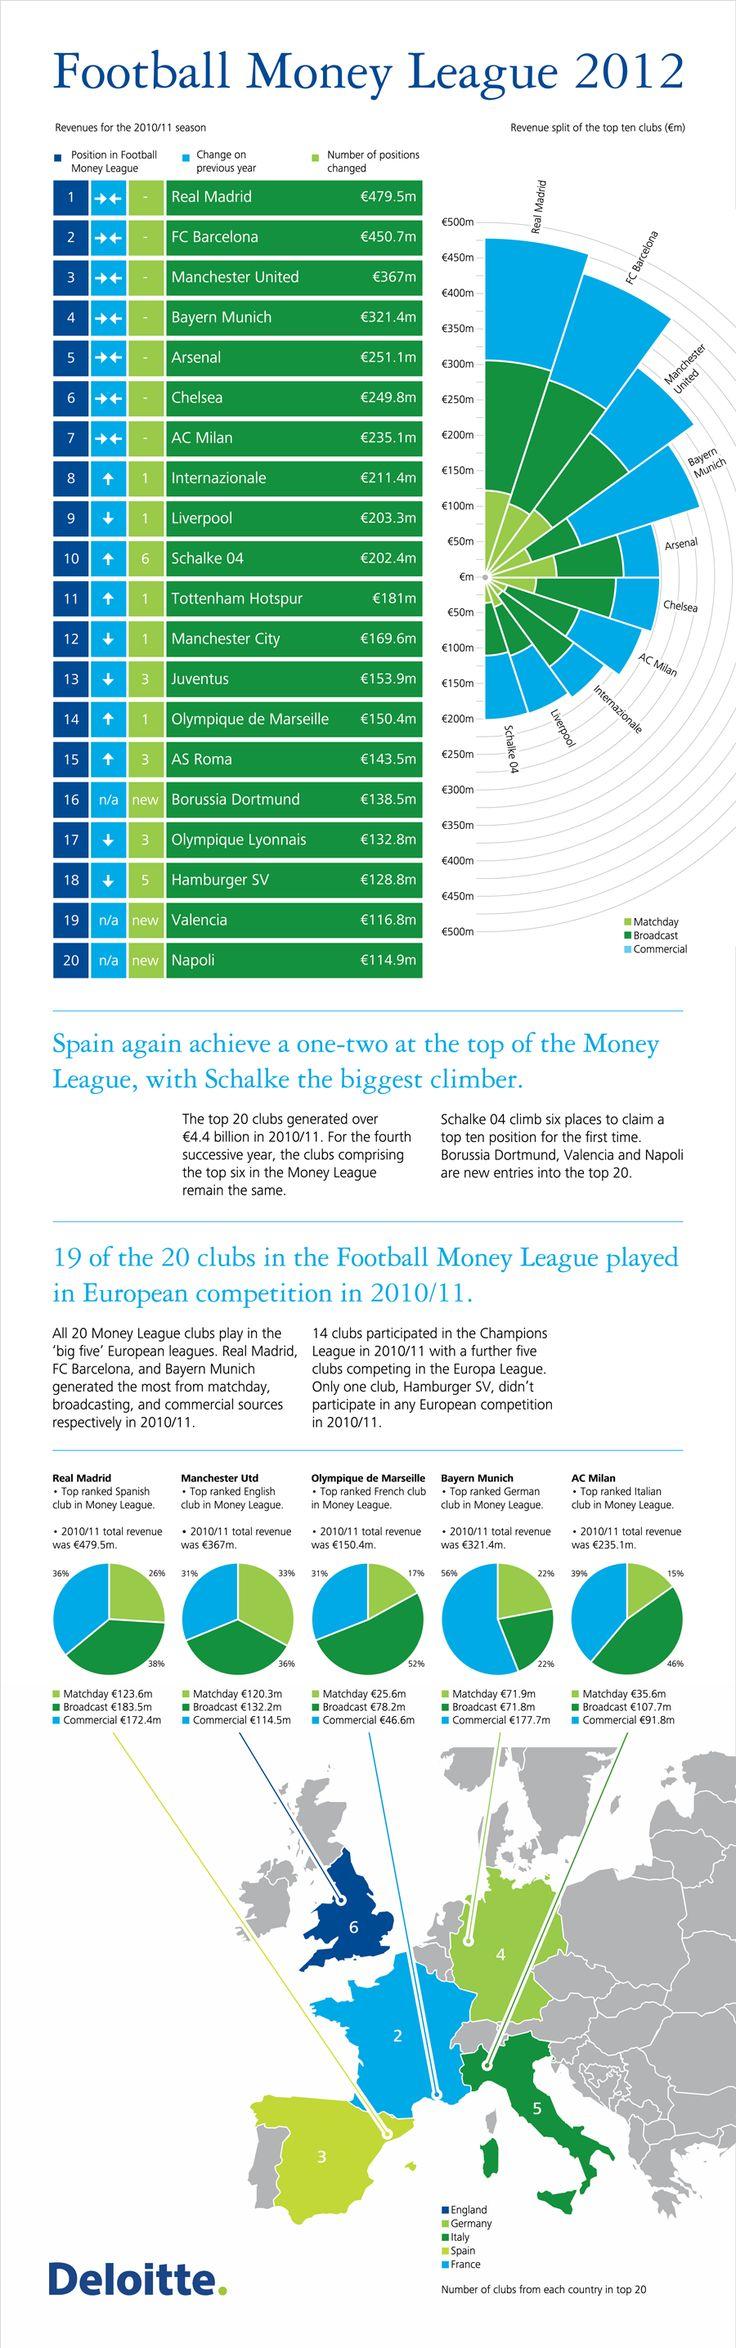 Deloitte Money League seasonal report for 2010-11.